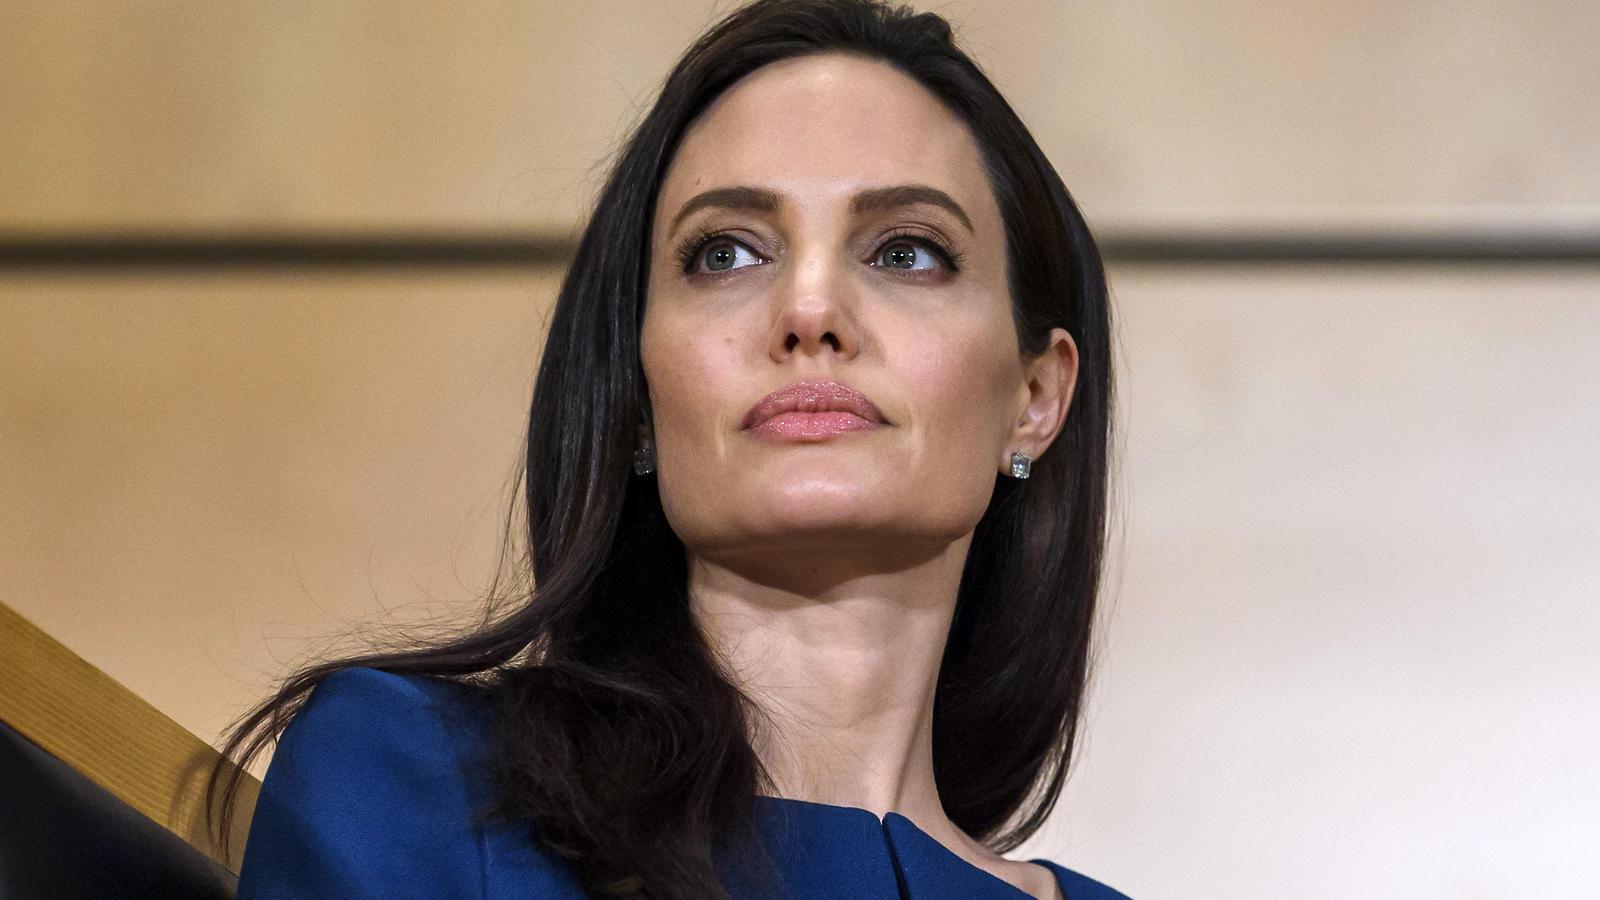 Nach Casting-Skandal: Angelina Jolie wehrt sich gegen die Vorwürfe